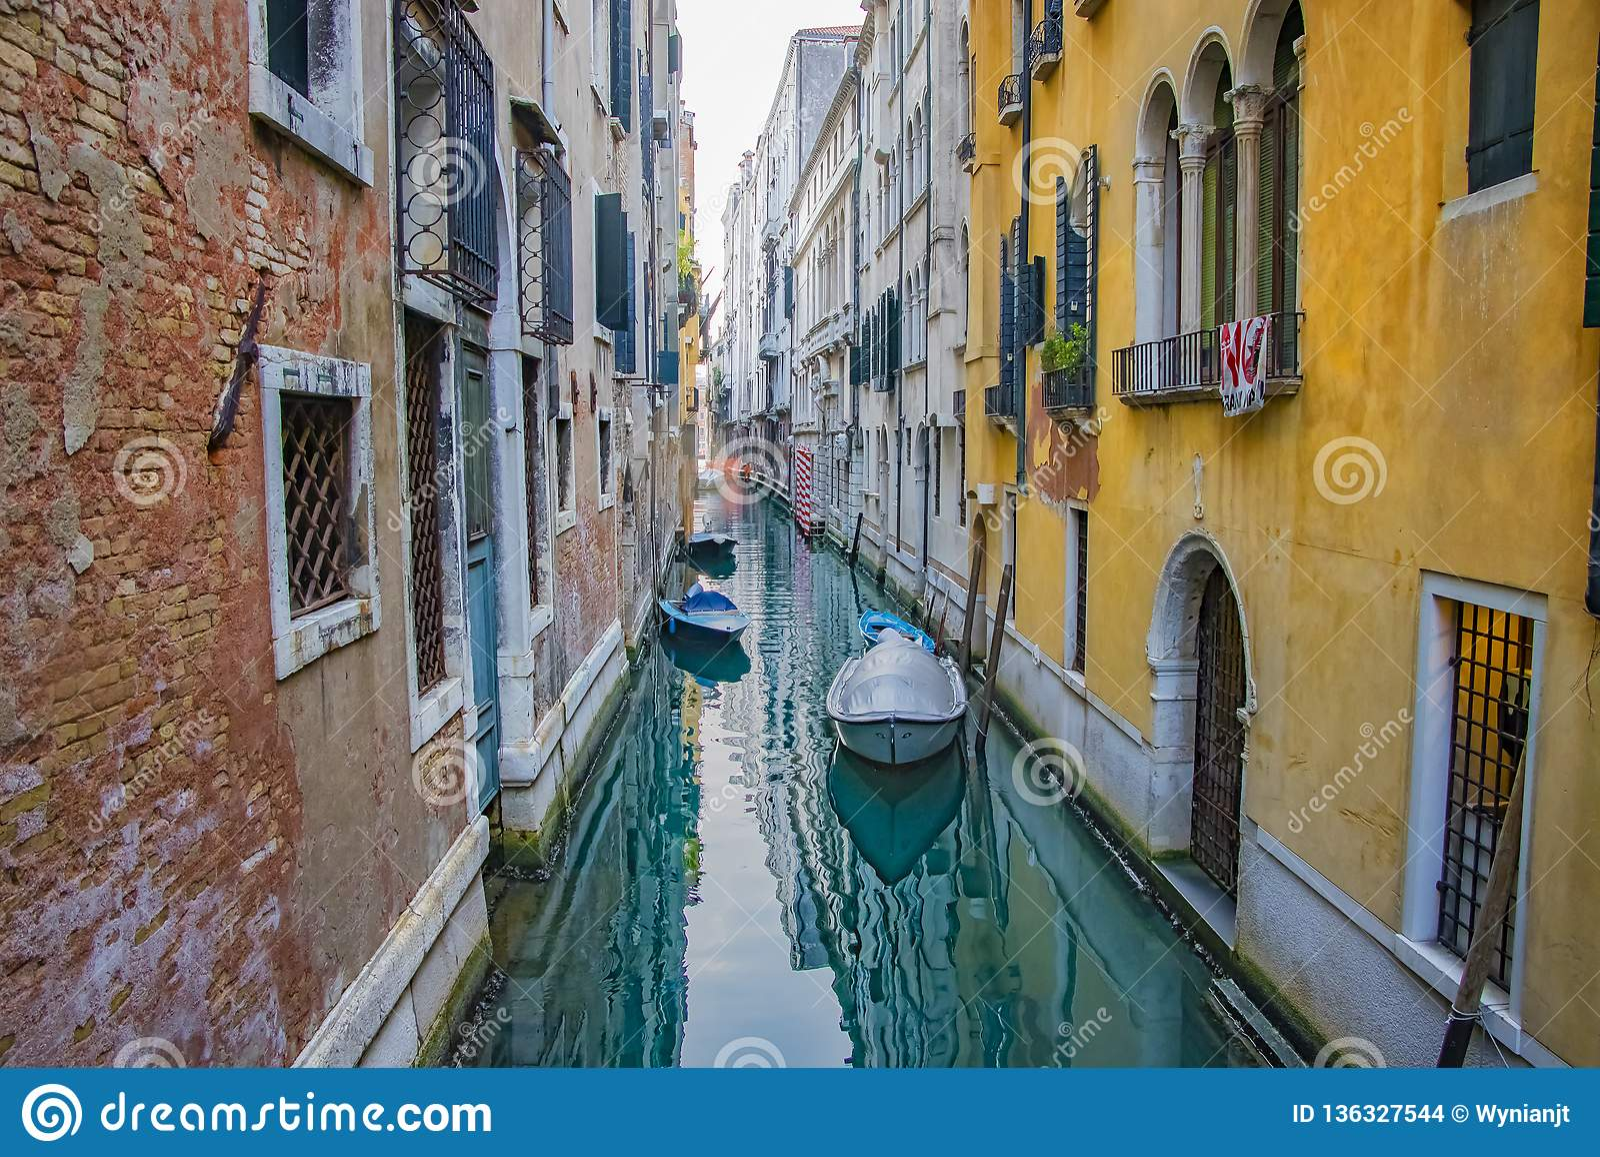 Άποψη του καναλιού με τις βάρκες στη Βενετία, Ιταλία Η Βενετία είναι ένας δημοφιλής τόπος προορισμού τουριστών της Ευρώπης